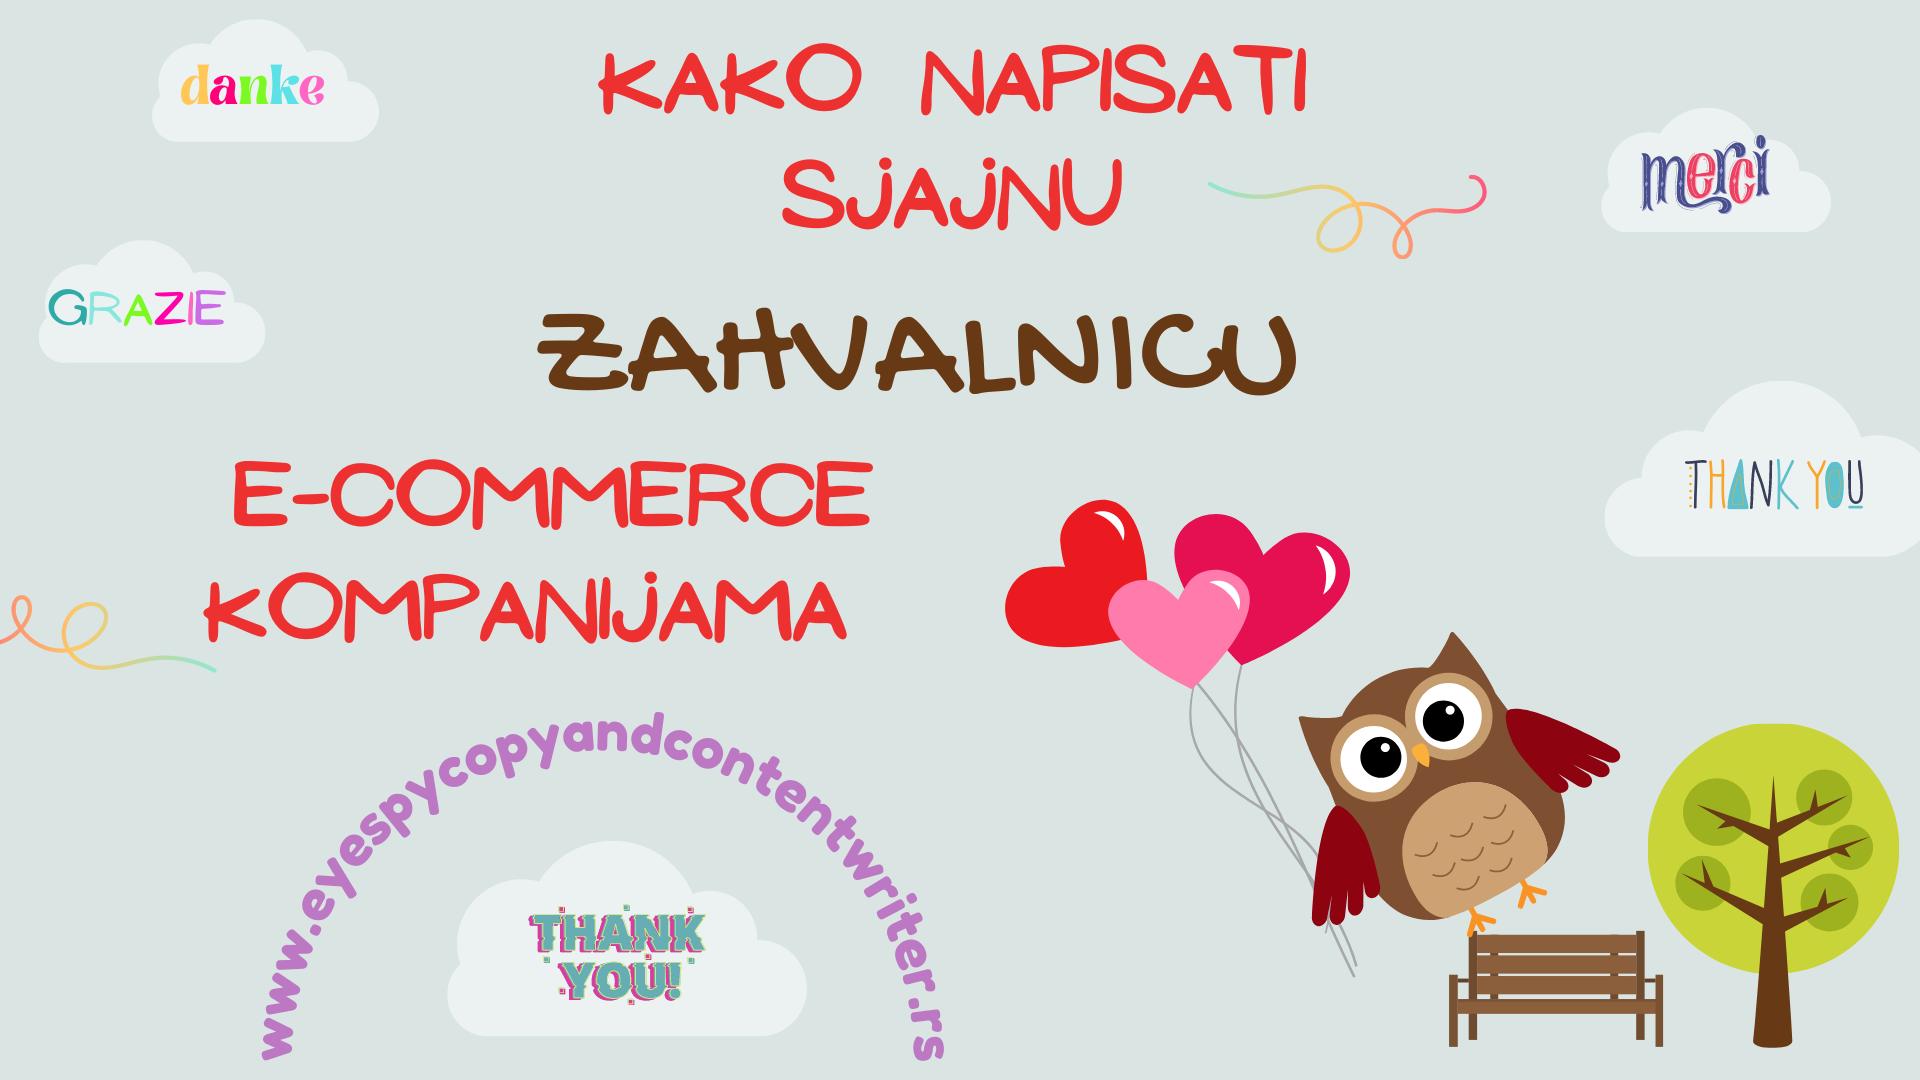 Kako napisati sjajnu zahvalinicu e-commerce kompanijama